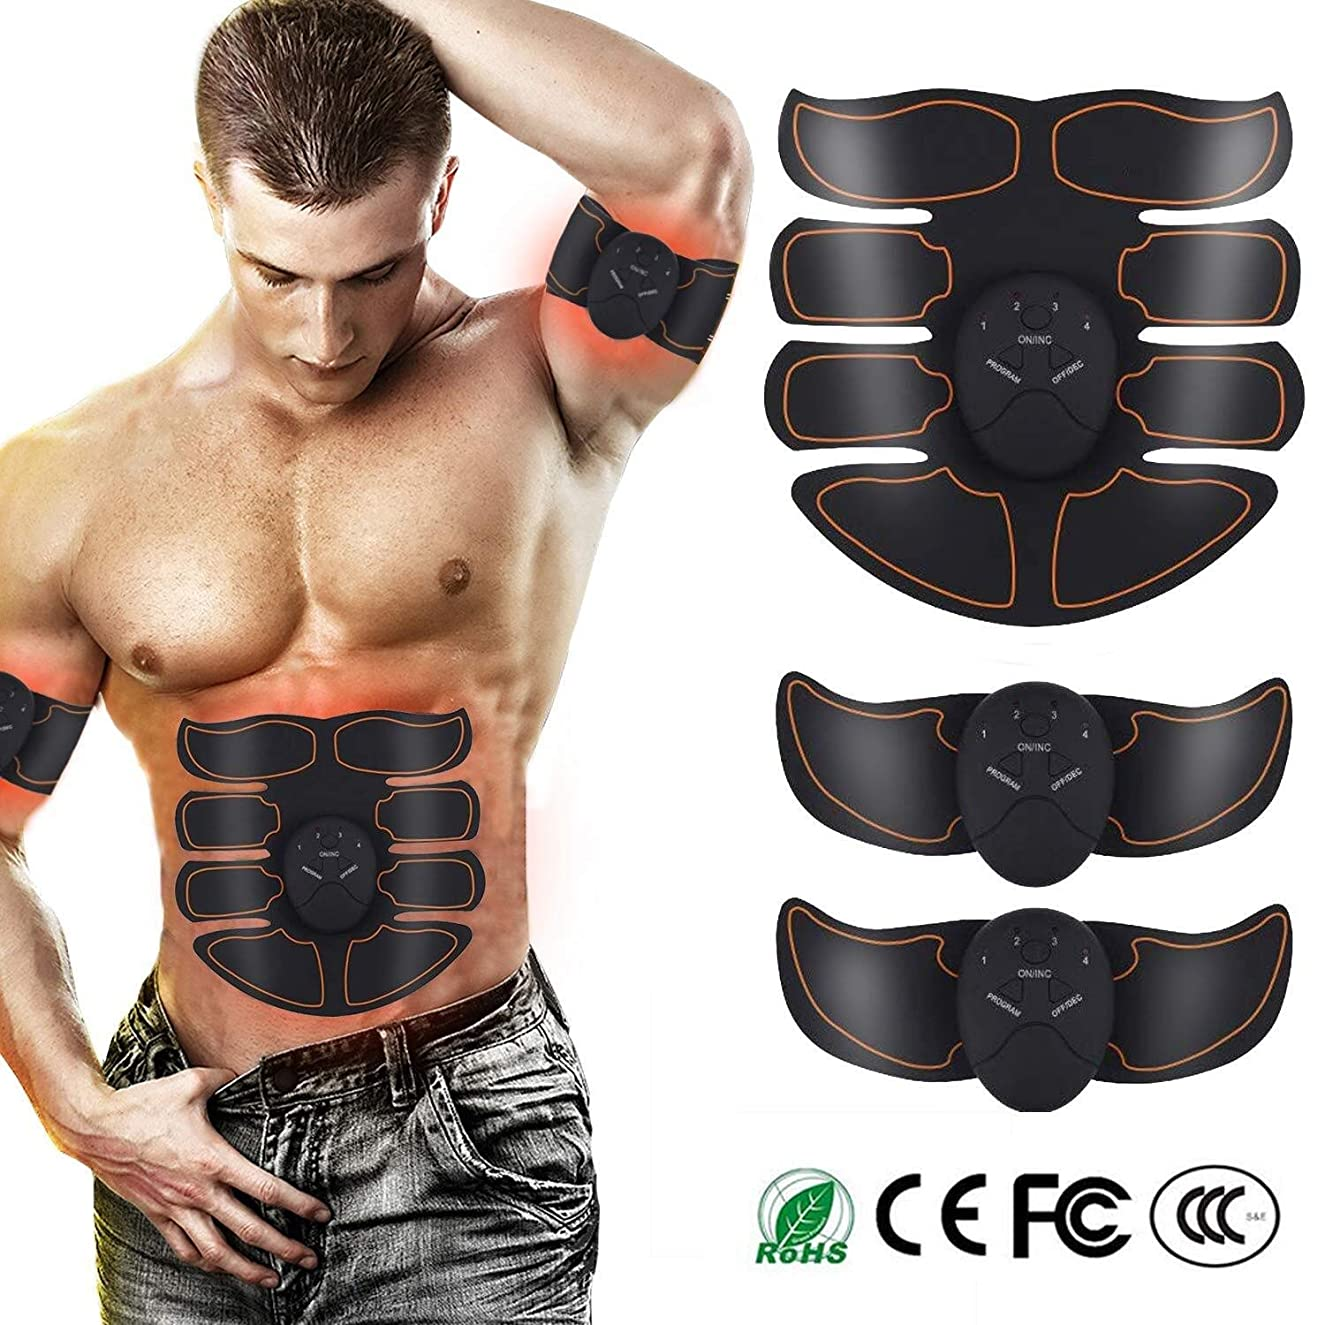 害虫帰るペネロペ腹筋トレーナー 筋肉刺激装置、 腹部調色ベルト、 腹部 マッスルトナー 6つのモード及び10のレベル強度 USB充電式 トレーニング機器、 に適し 体 いい結果になる 家に 事務所 ジム